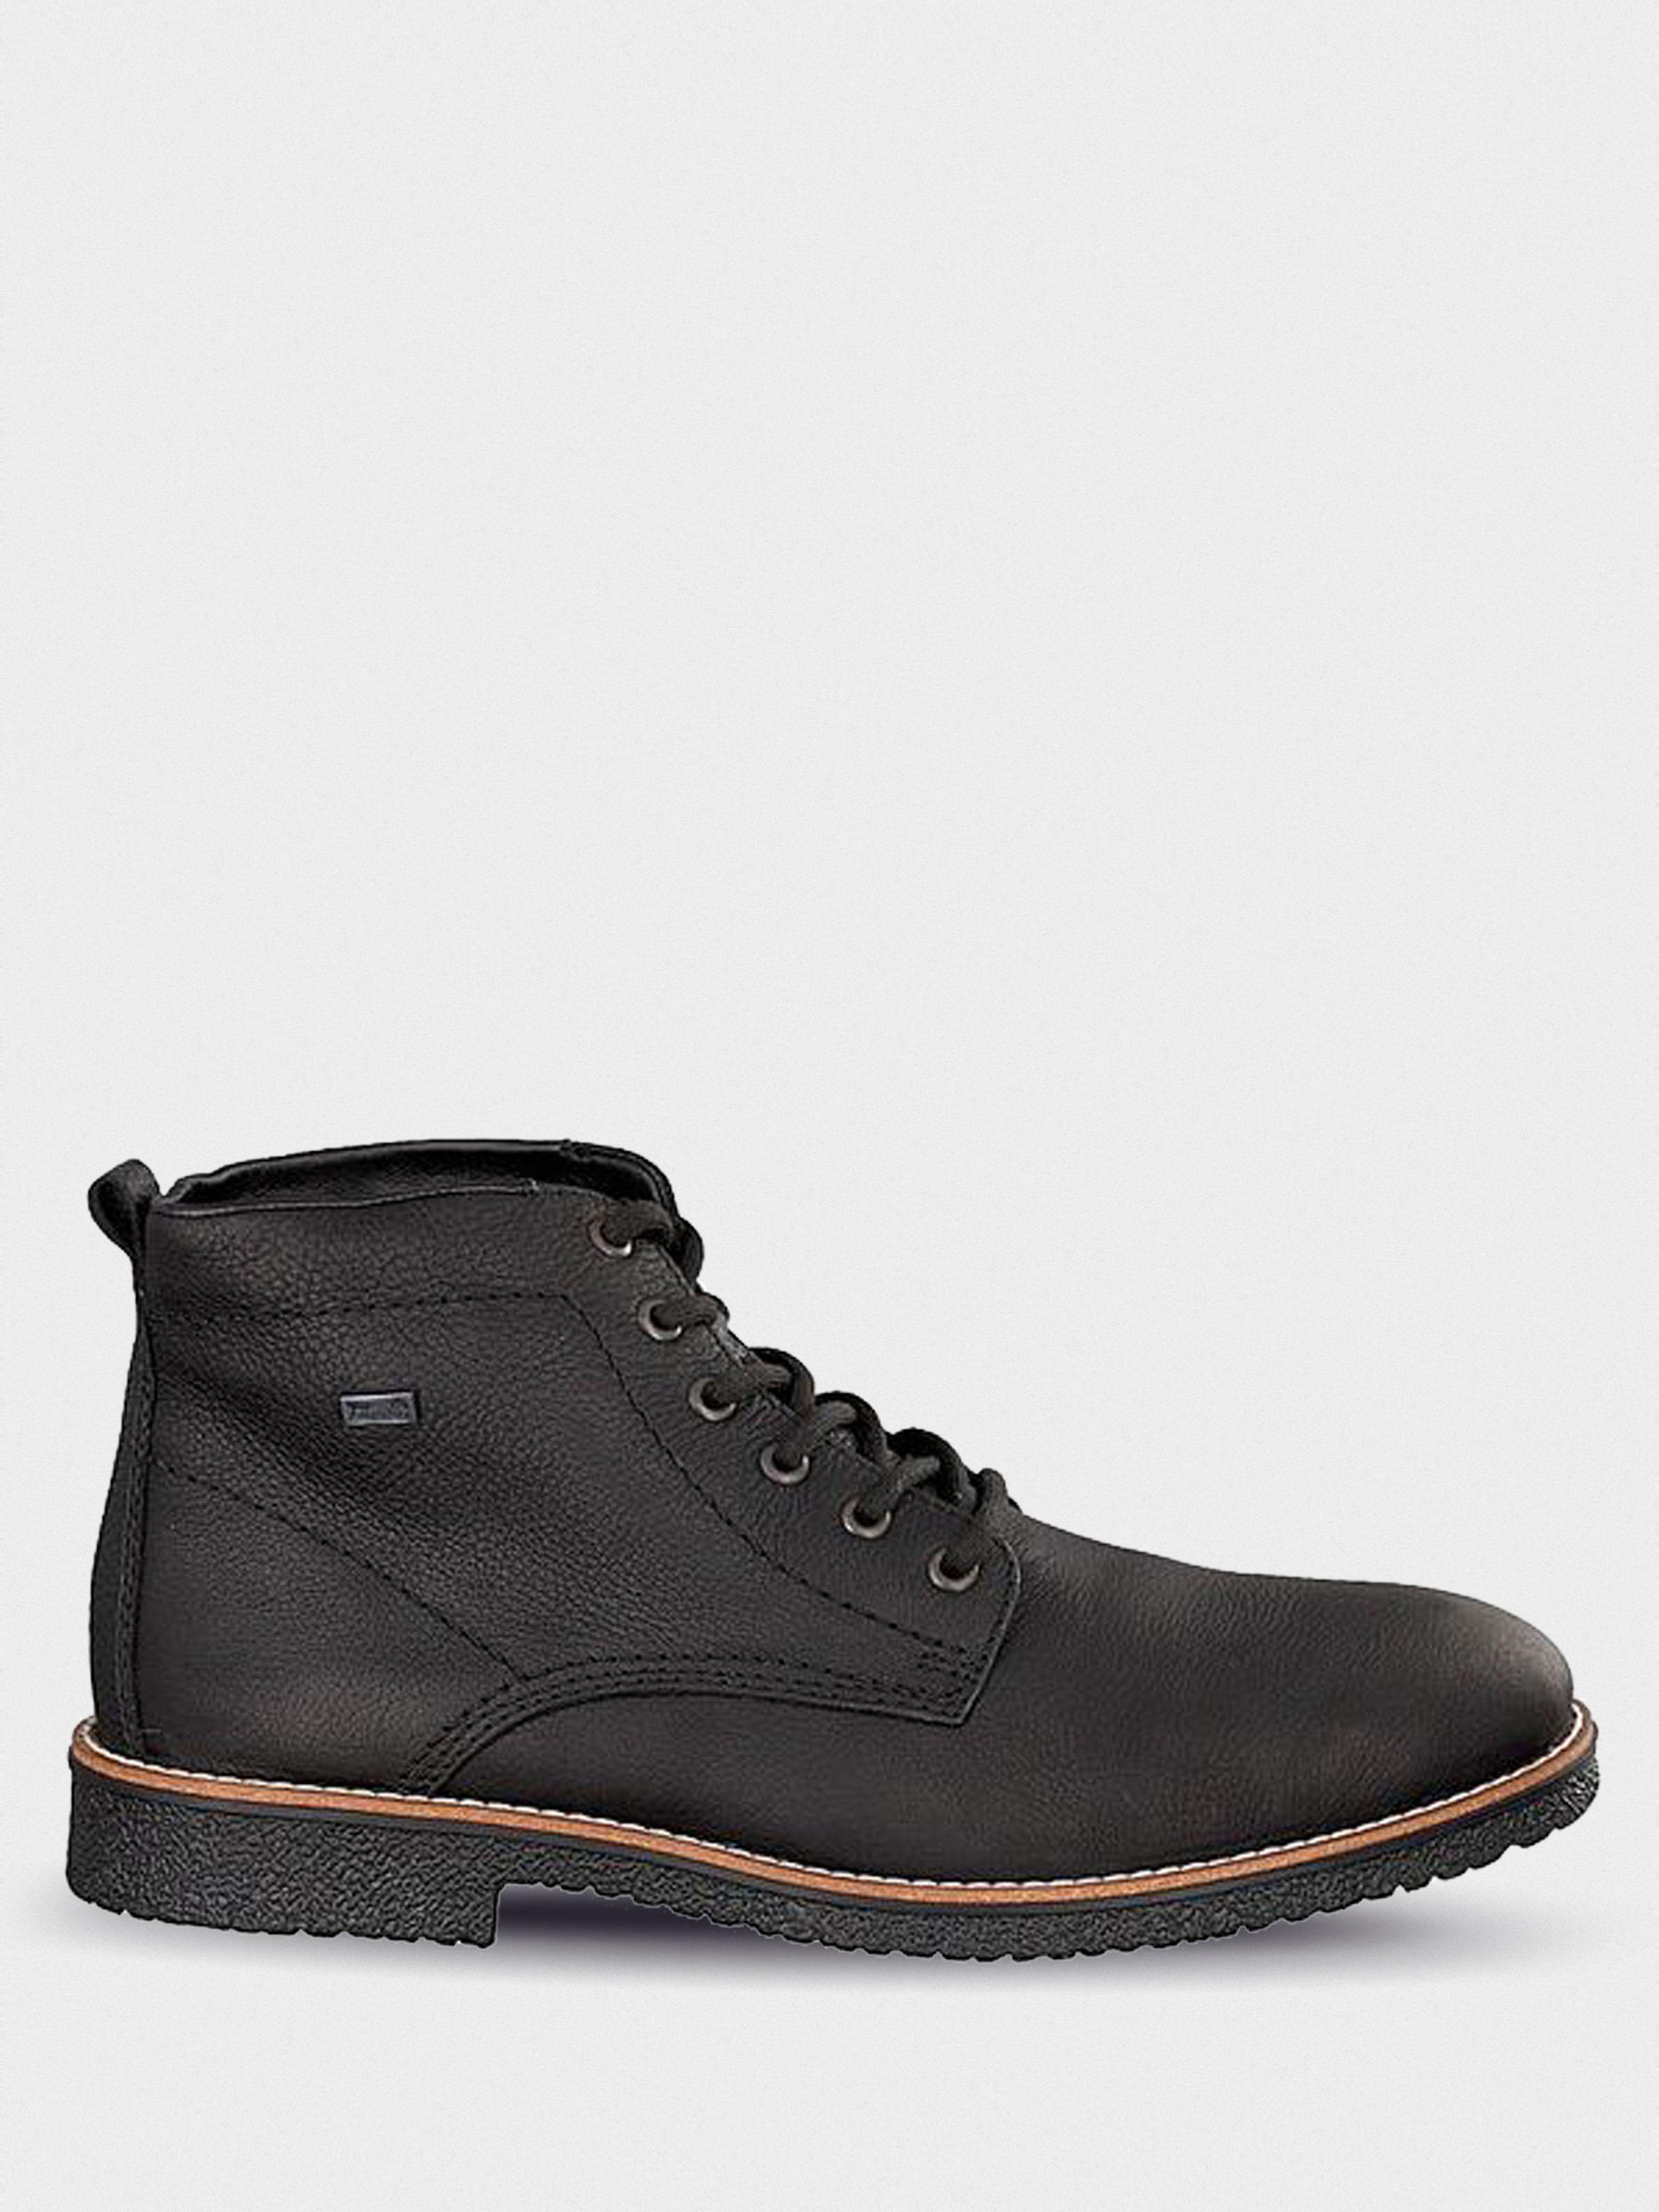 Купить Ботинки мужские RIEKER RK626, Черный